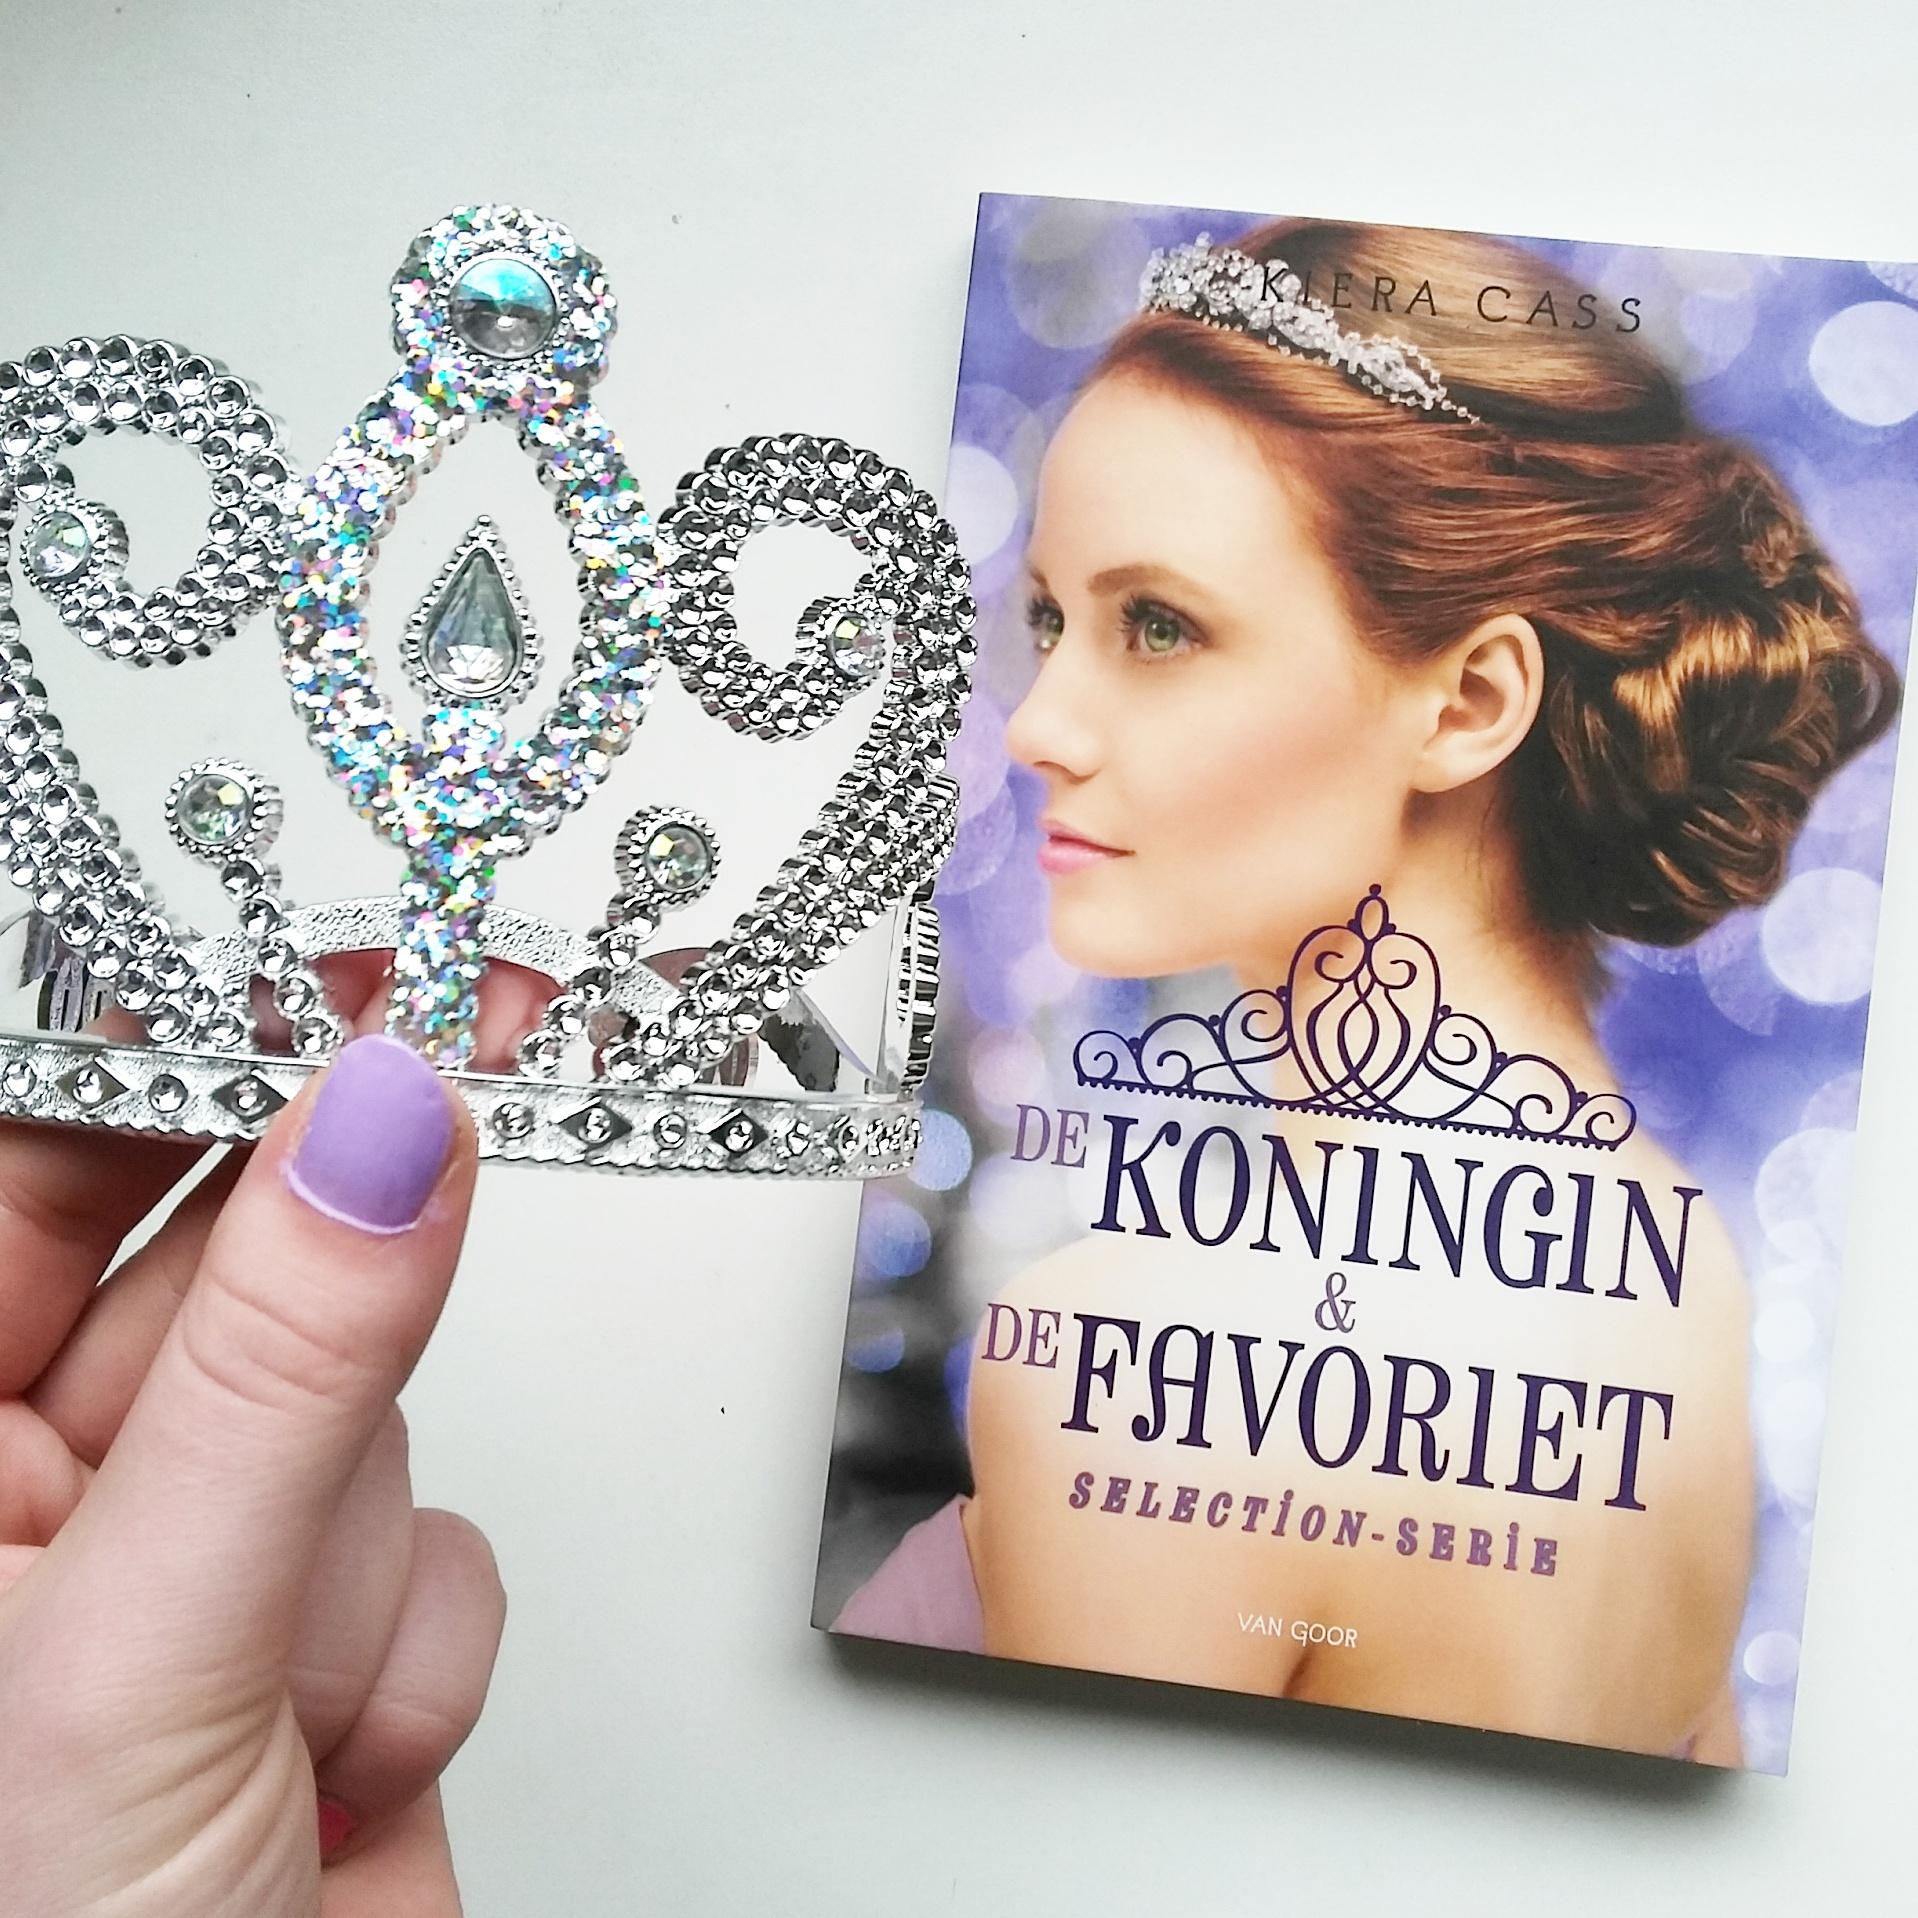 Boekrecensie: Kiera Cass - De koningin en de favoriet